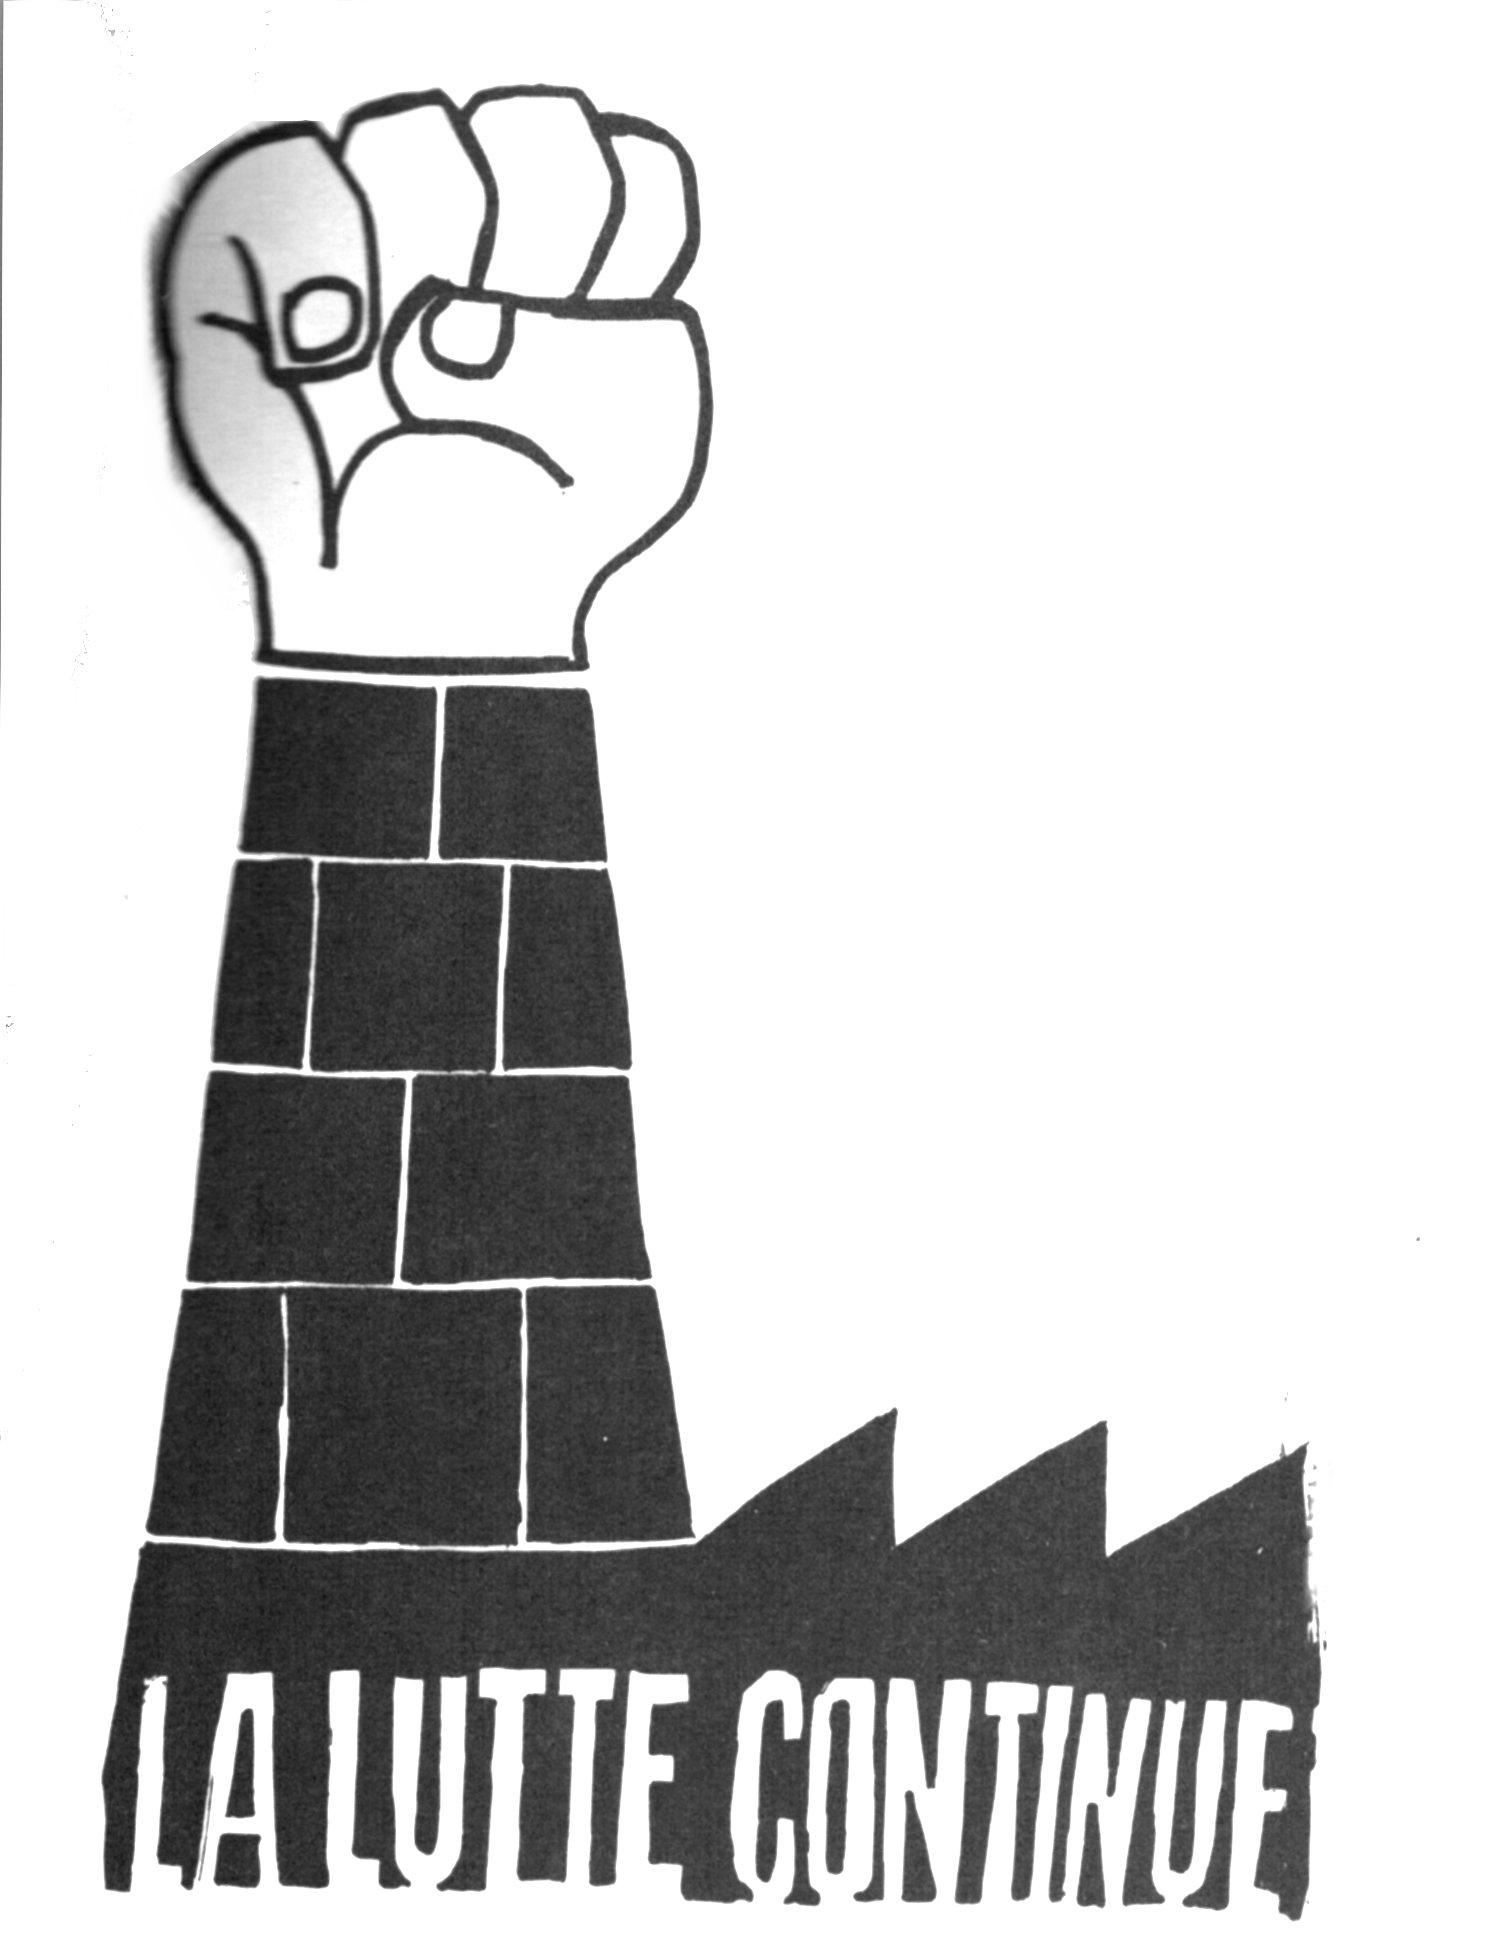 mai 1968 La lutte continue